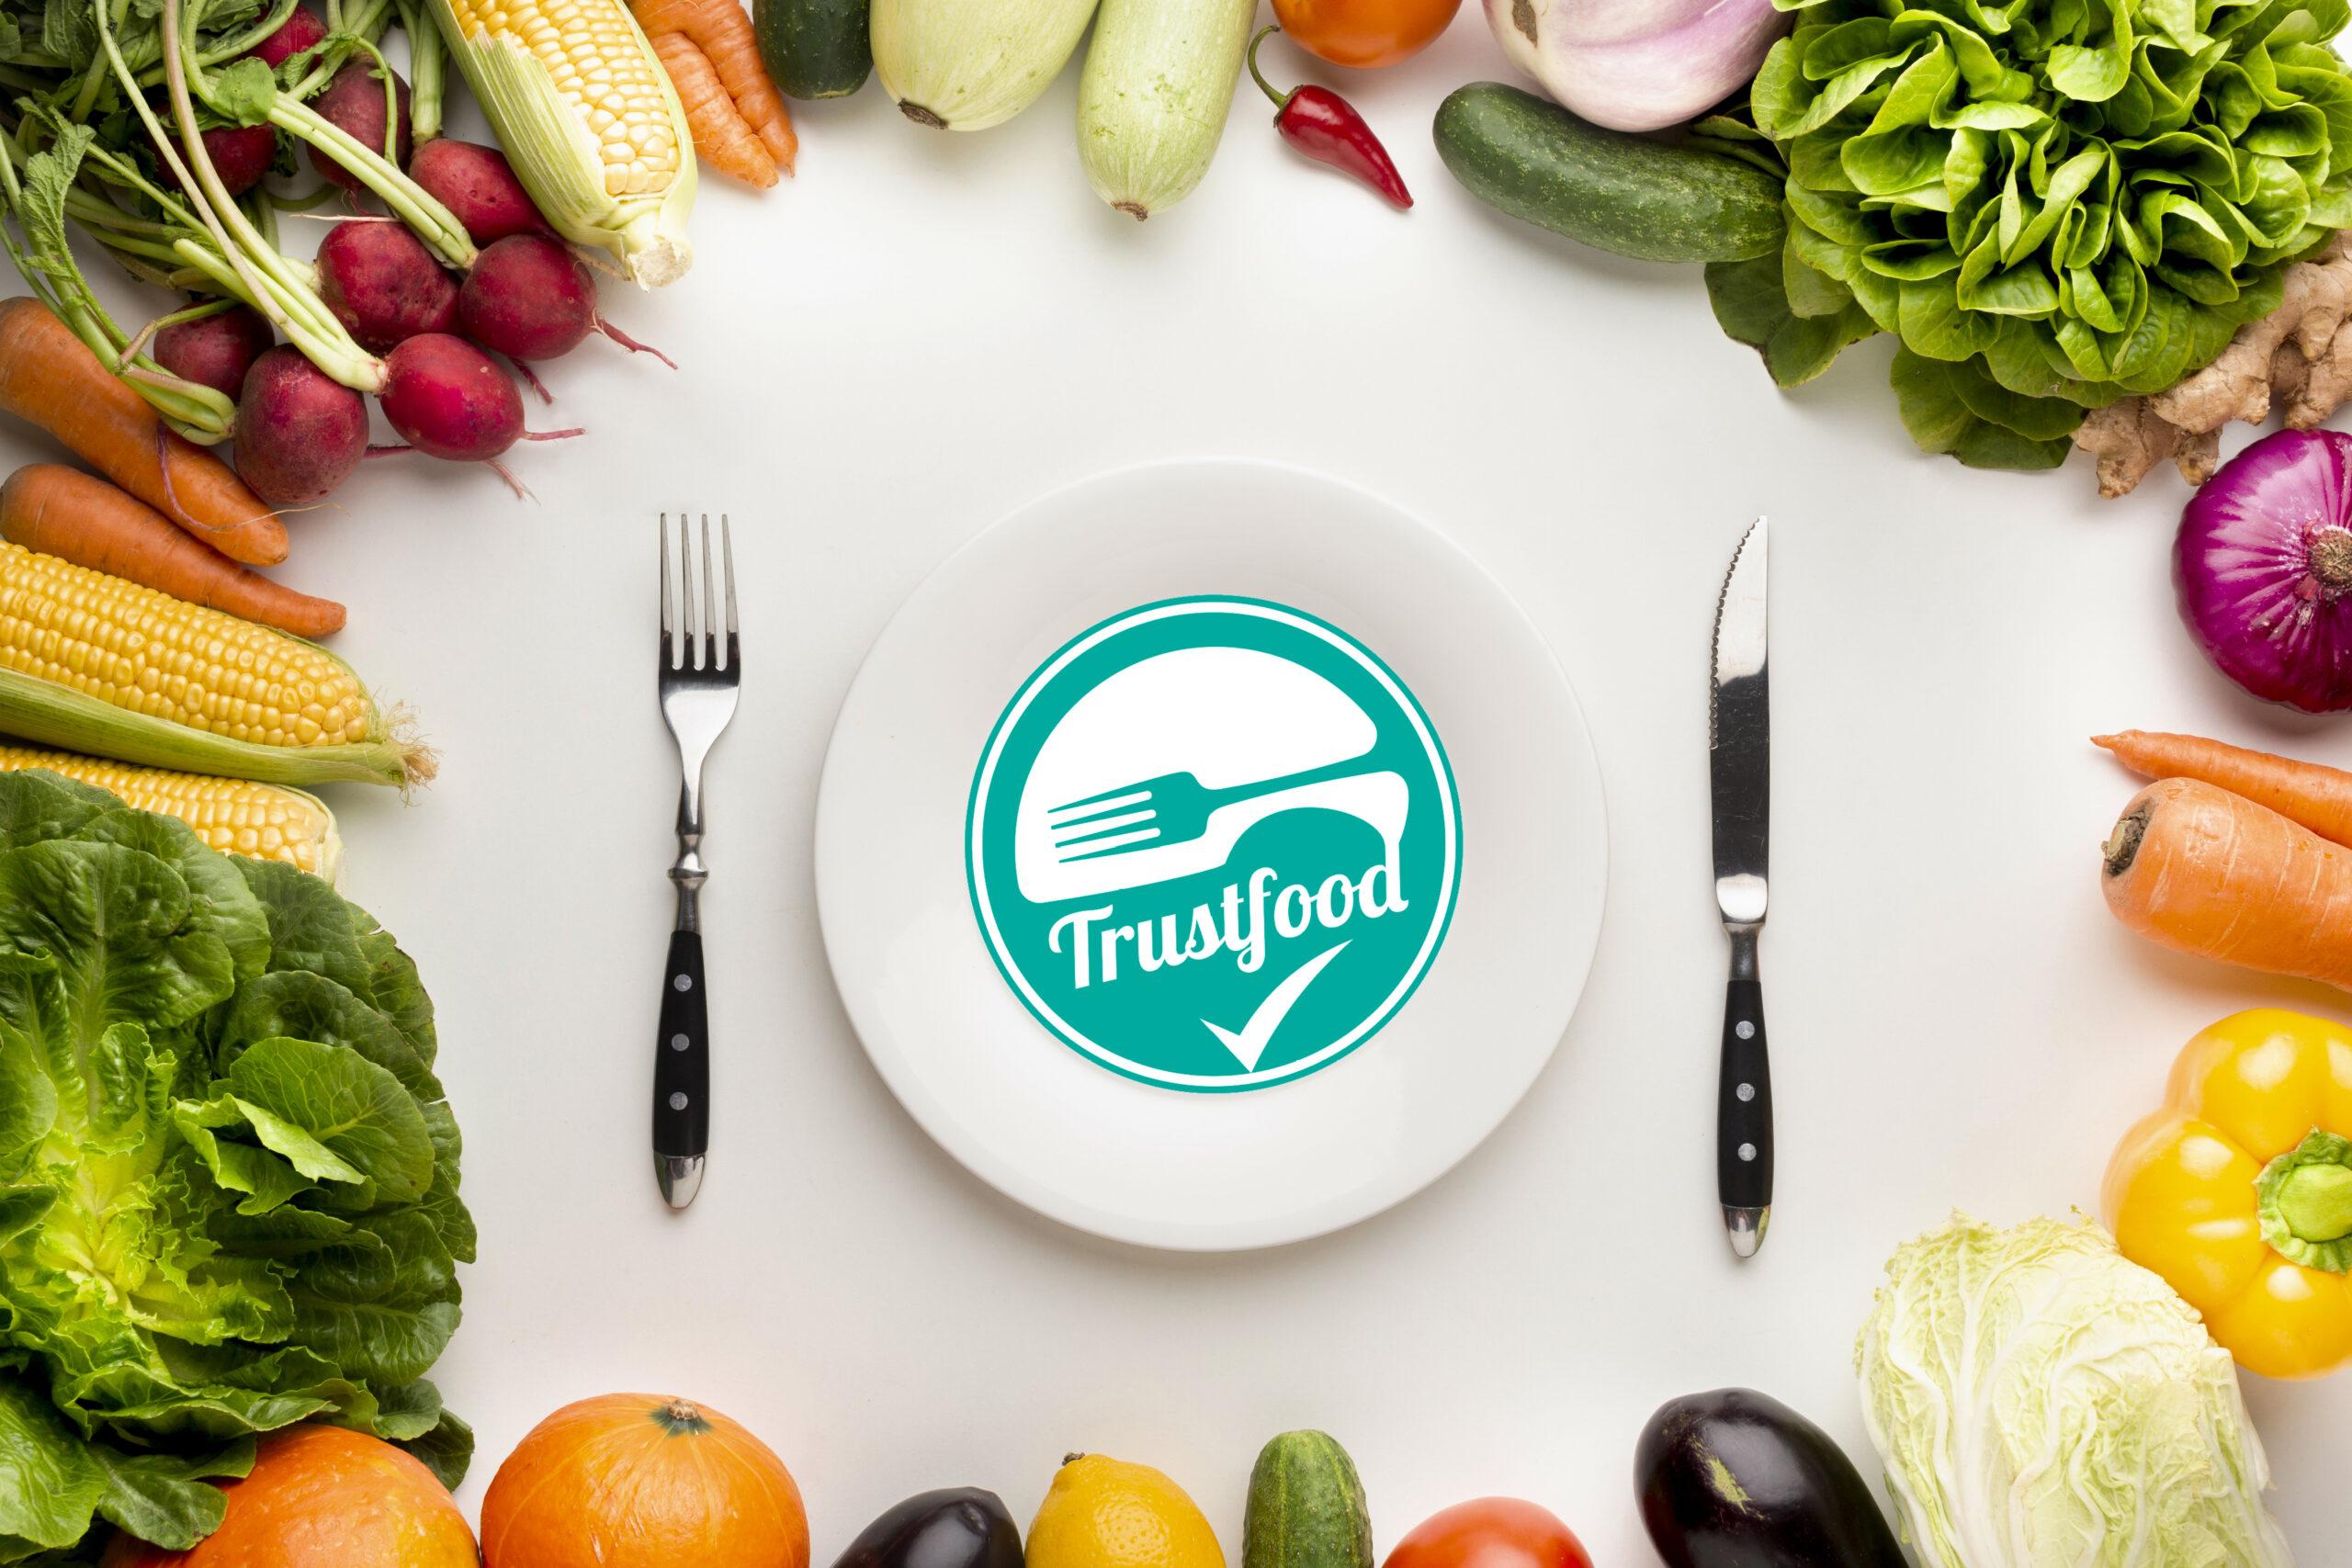 Piatti sicuri negli appartamenti in affitto breve: TrustFood e CleanBnB offrono ai viaggiatori un'esperienza all'insegna della massima tranquillità